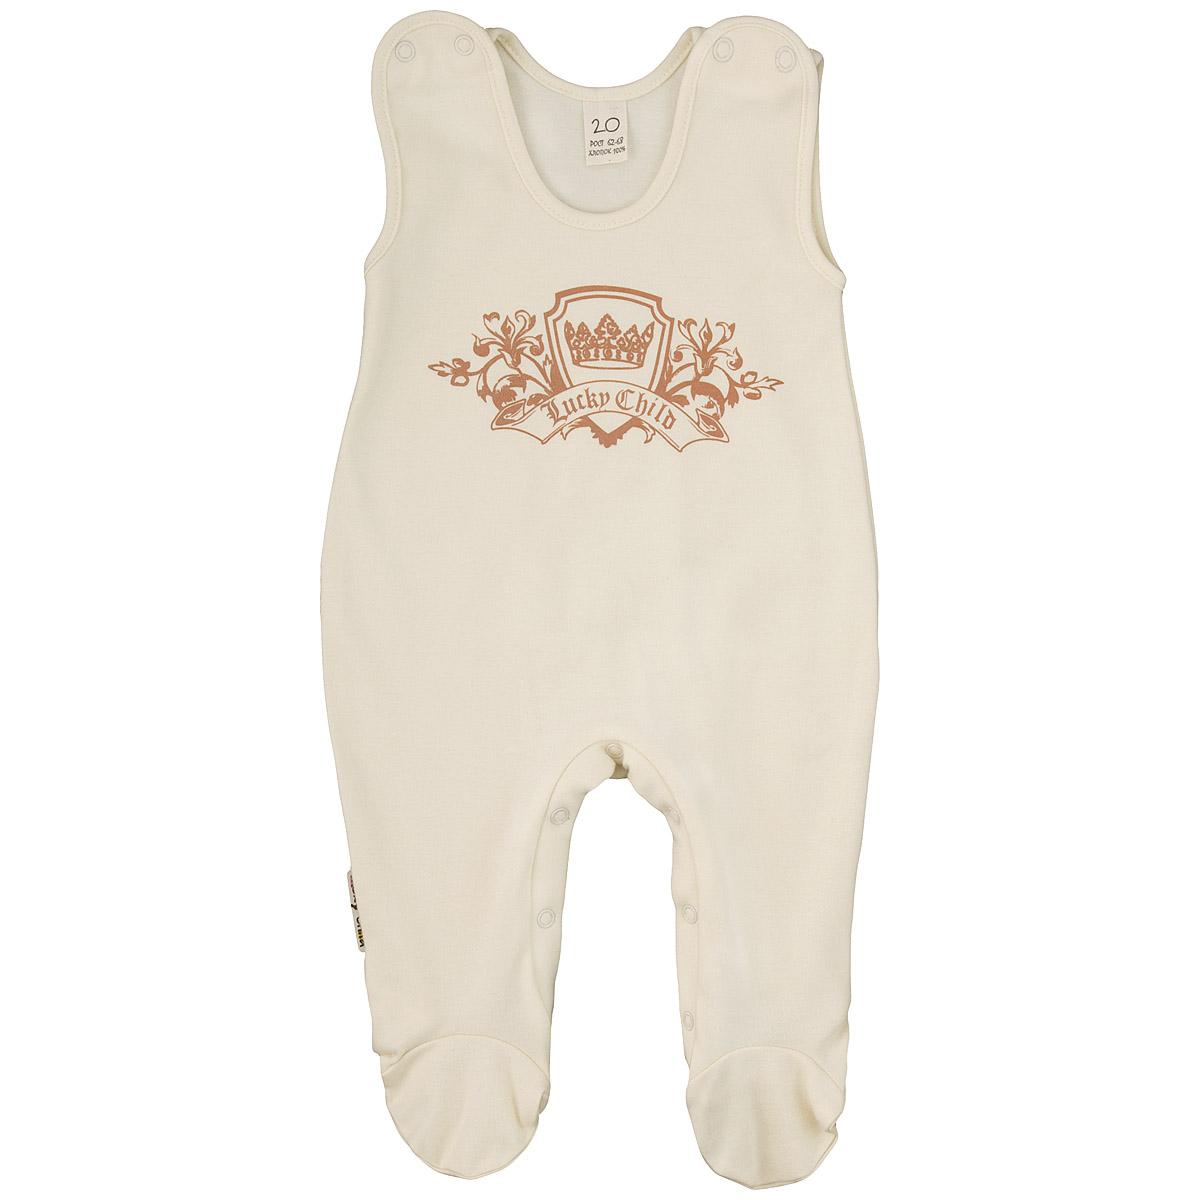 Ползунки с грудкой. 6-26-2Ползунки с грудкой Lucky Child - очень удобный и практичный вид одежды для малышей. Они отлично сочетаются с футболками и кофточками. Ползунки выполнены из интерлока - натурального хлопка, благодаря чему они необычайно мягкие и приятные на ощупь, не раздражают нежную кожу ребенка и хорошо вентилируются, а эластичные швы приятны телу малыша и не препятствуют его движениям. Ползунки с закрытыми ножками, застегивающиеся сверху на кнопки, идеально подойдут вашему малышу, обеспечивая ему наибольший комфорт, подходят для ношения с подгузником и без него. Кнопки на ластовице помогают легко и без труда поменять подгузник в течение дня. На груди они оформлены оригинальным принтом в виде логотипа бренда. Ползунки с грудкой полностью соответствуют особенностям жизни малыша в ранний период, не стесняя и не ограничивая его в движениях!